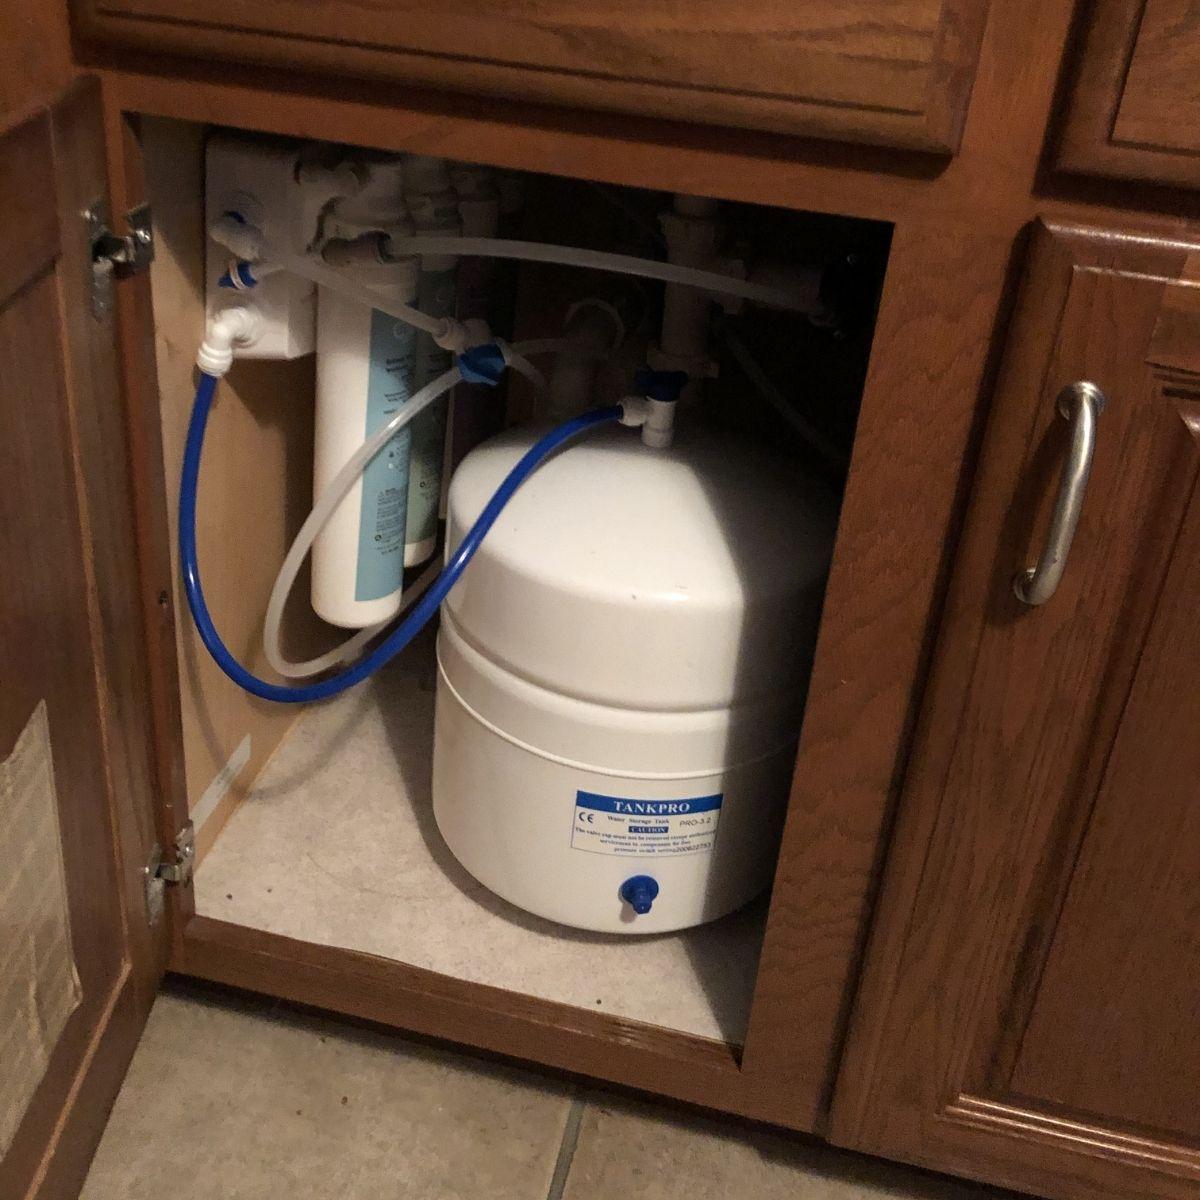 Danville water solutions